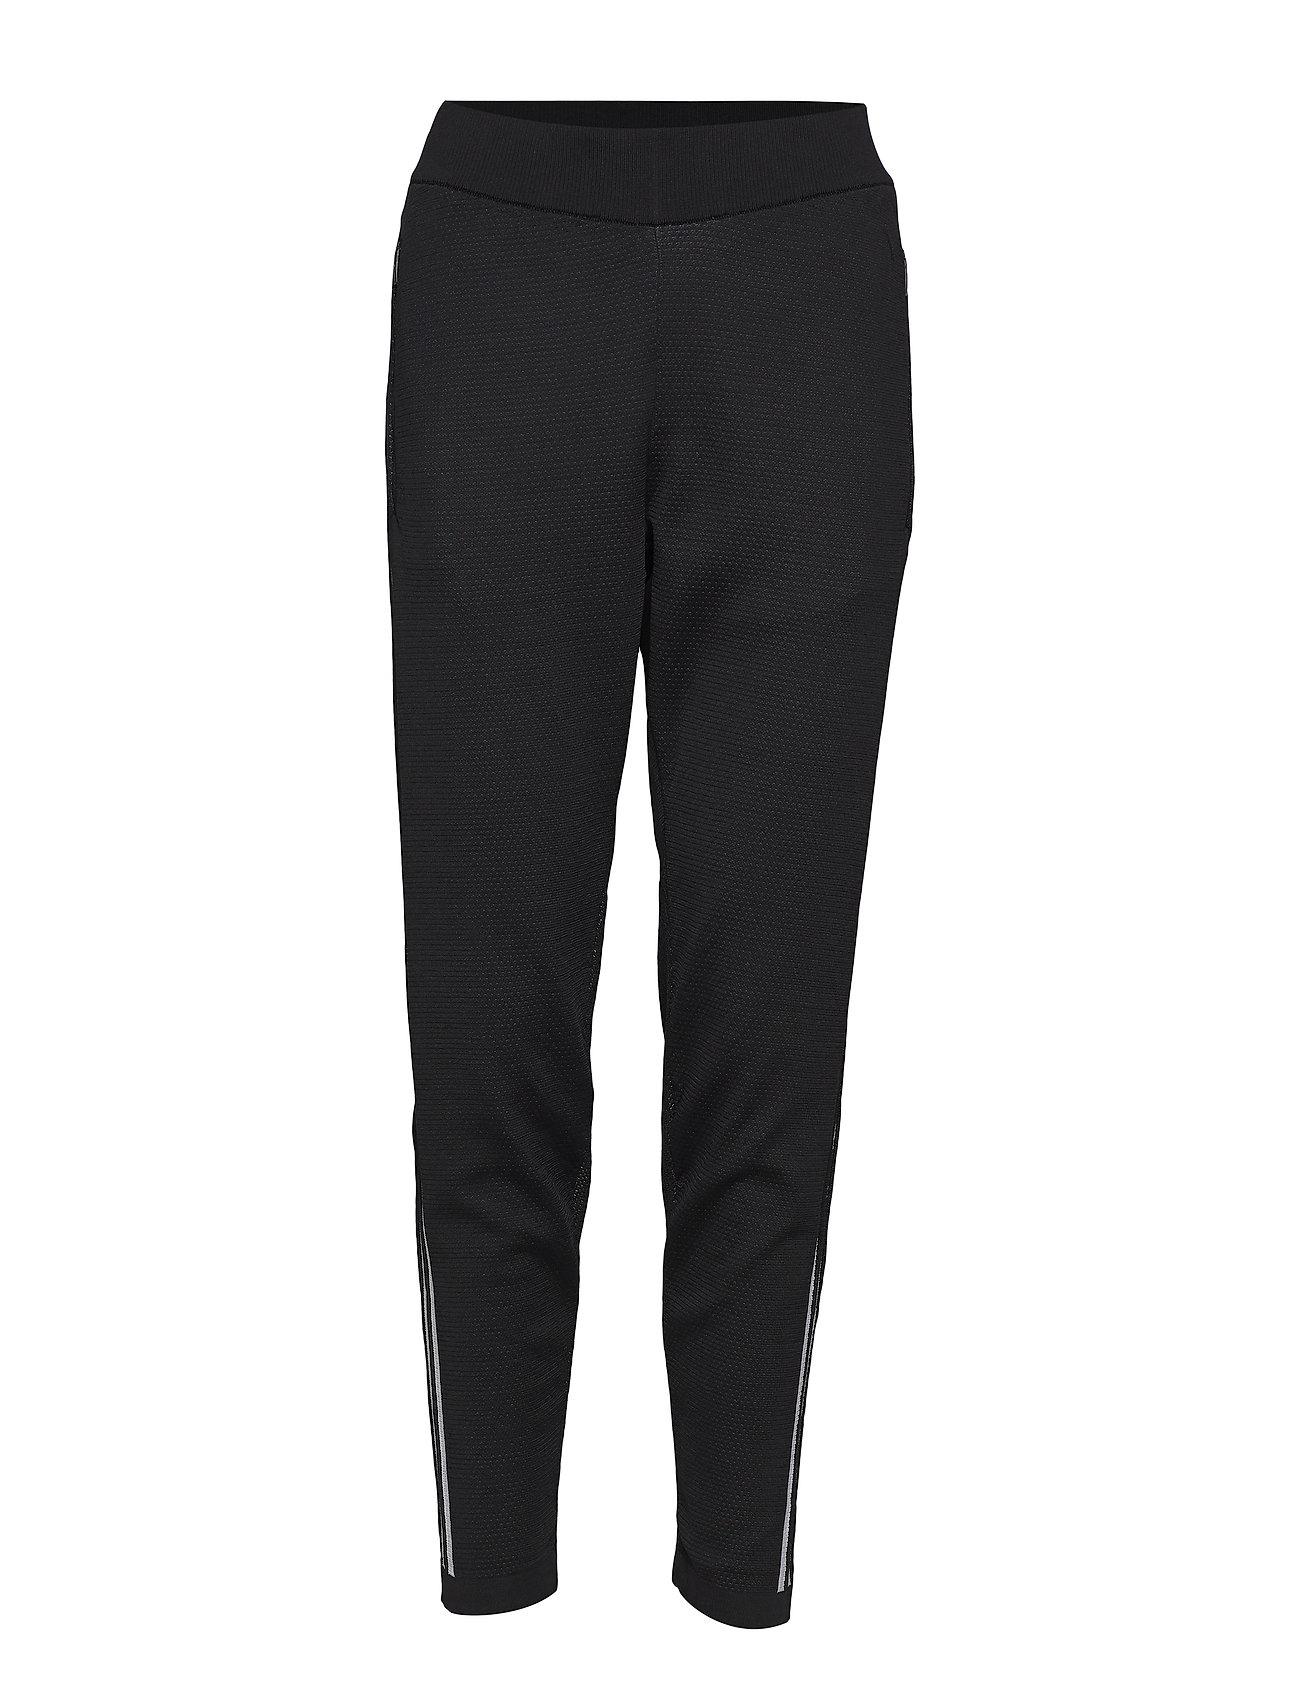 c5a1f1260 W Id Kn Stk Pt (Black) (£38.97) - adidas - | Boozt.com